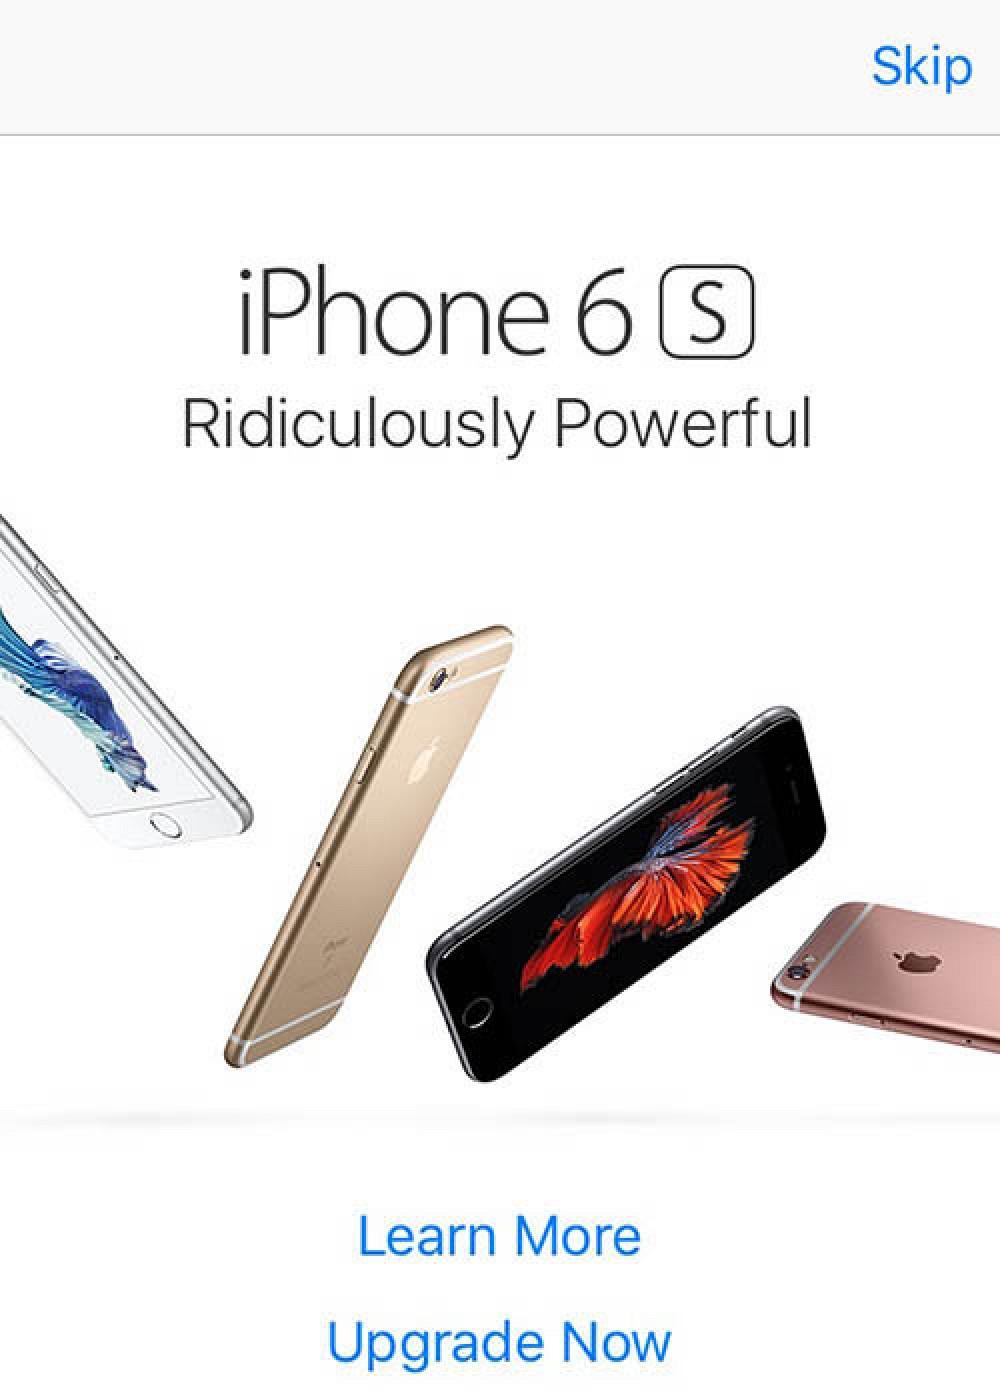 Publicidad de Apple en la App Store